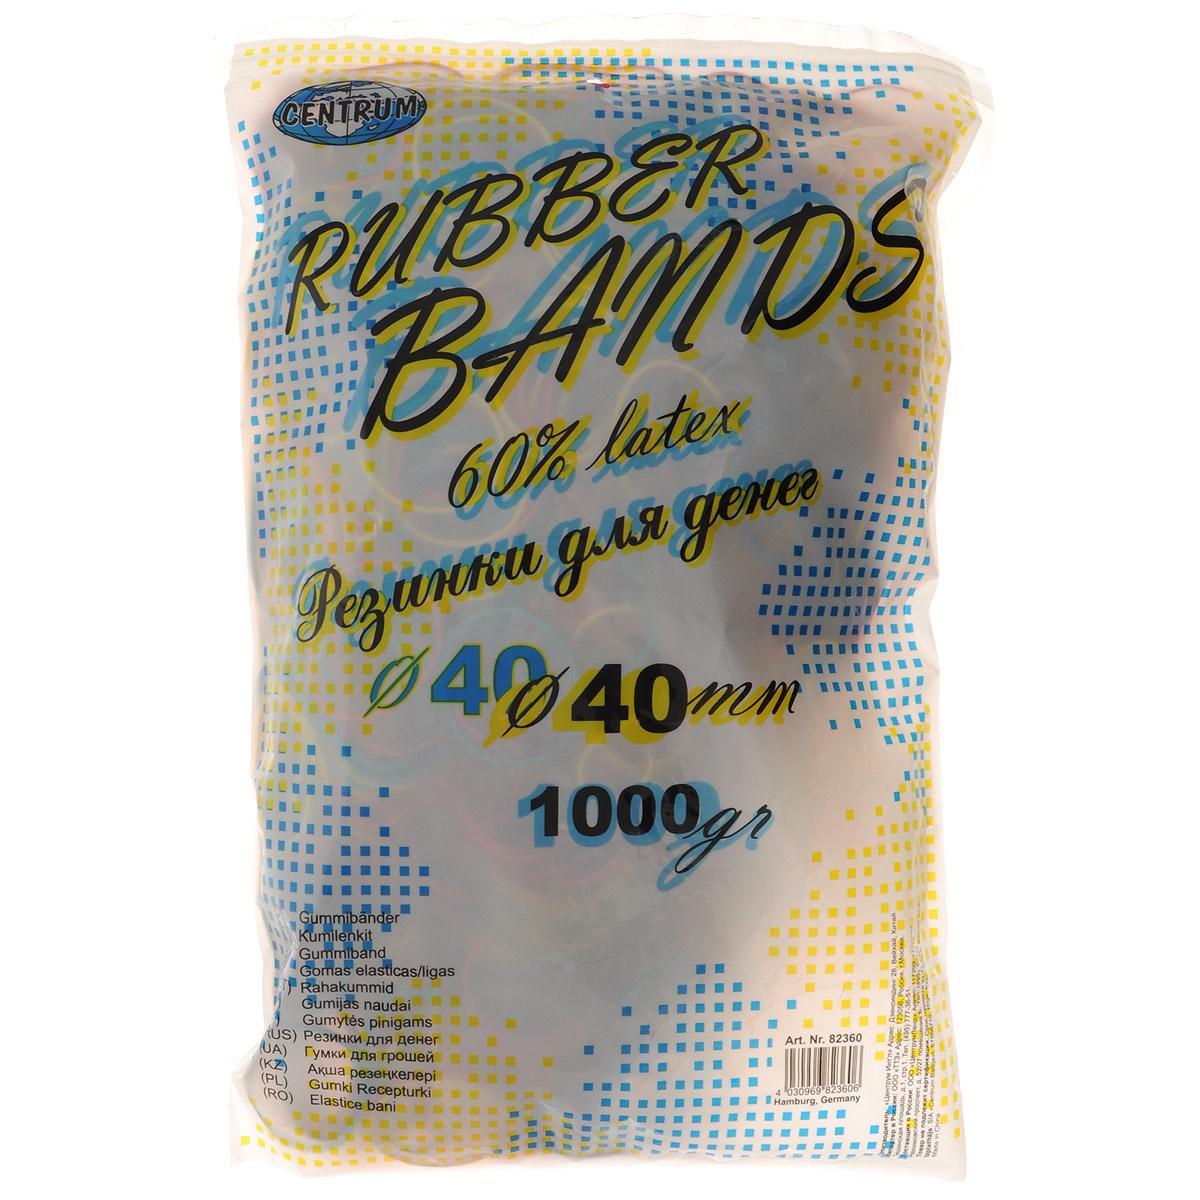 Резинки банковские Centrum, цветные, 4 см, 1000 г82360Банковские резинки Centrum предназначены для перетягивания денежных купюр, пакетов, пластиковых карт, бумаг и визиток. Они изготовлены из каучука с латексом, благодаря чему их не так легко порвать, даже если сильно растянуть. В комплекте резинки синего, желтого, красного и зеленого цветов.